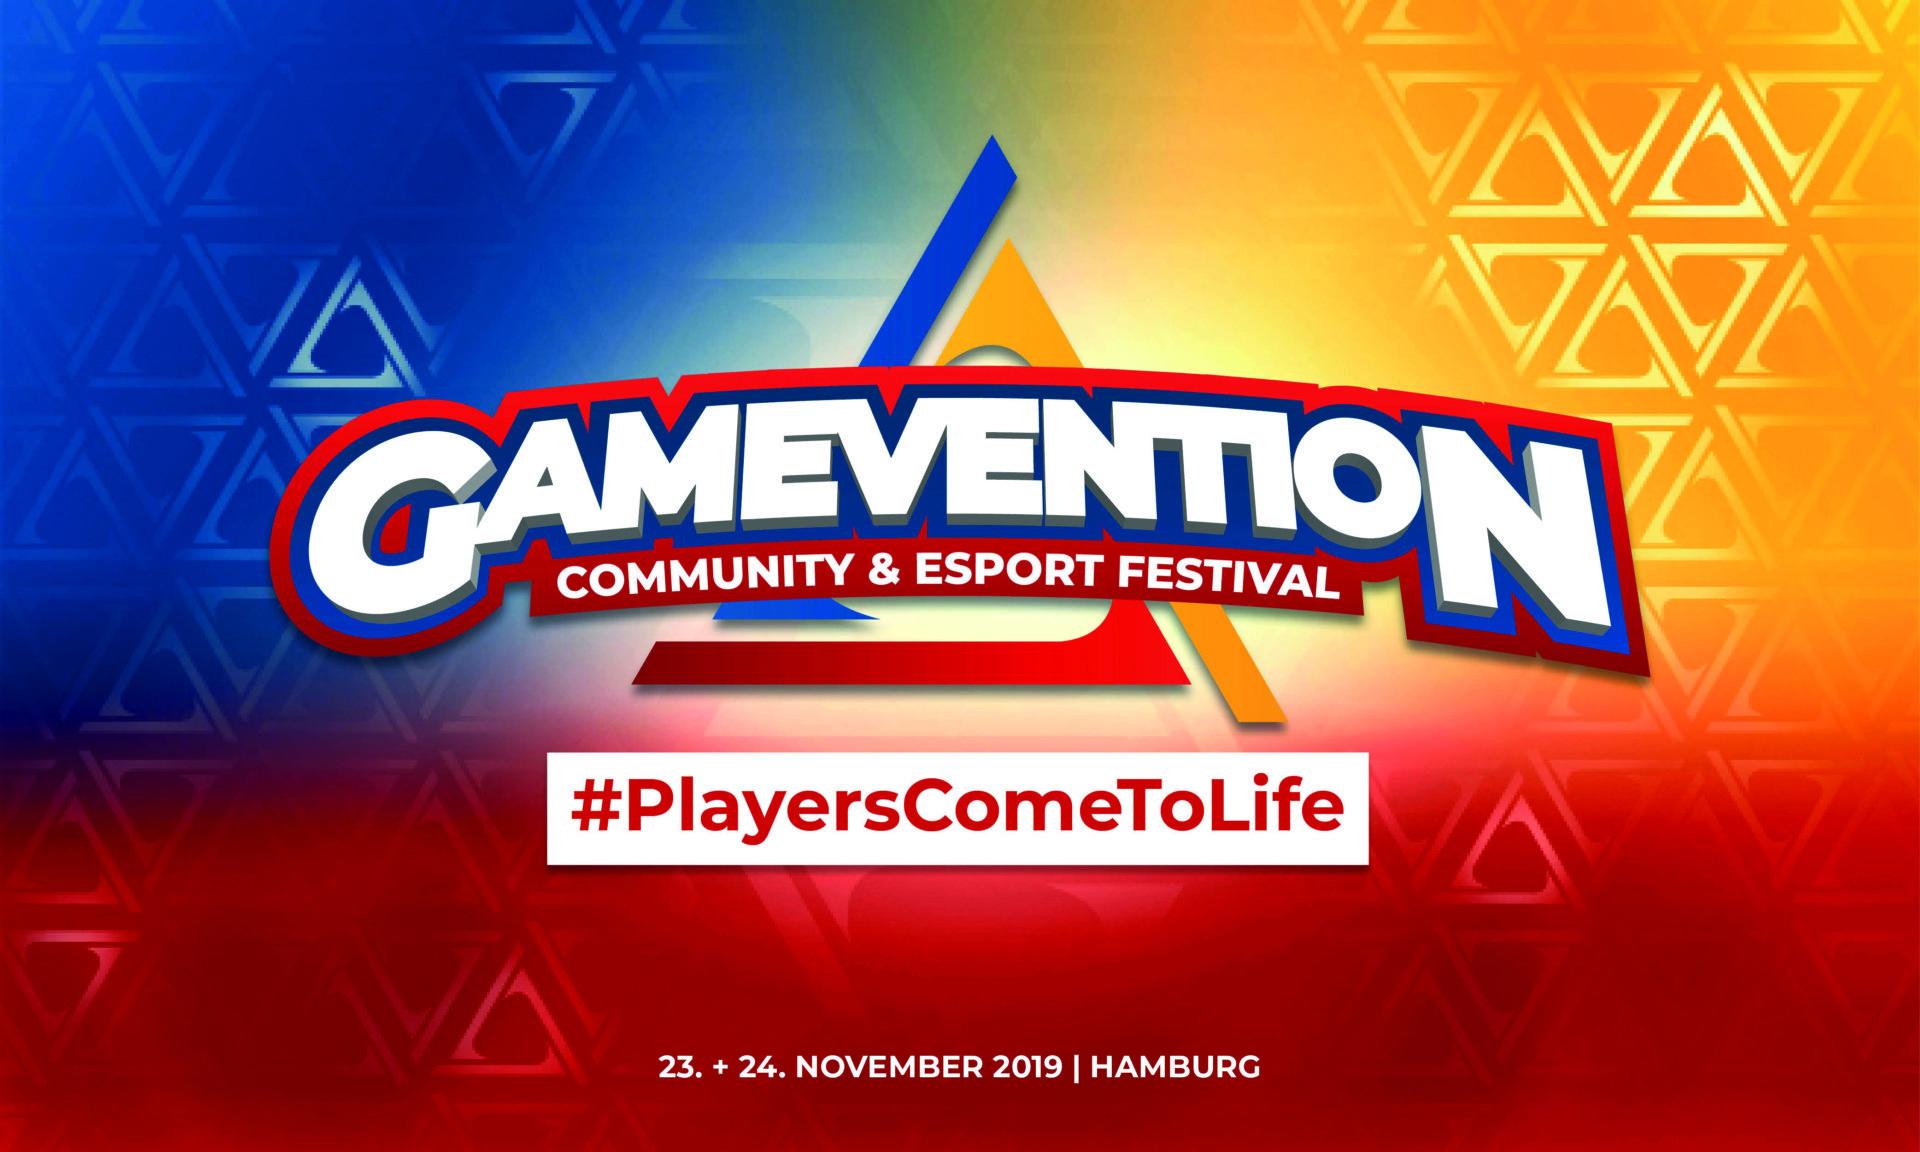 GAMEVENTION 2019 Logo - OXMOX präsentiert die TOP TIPPS